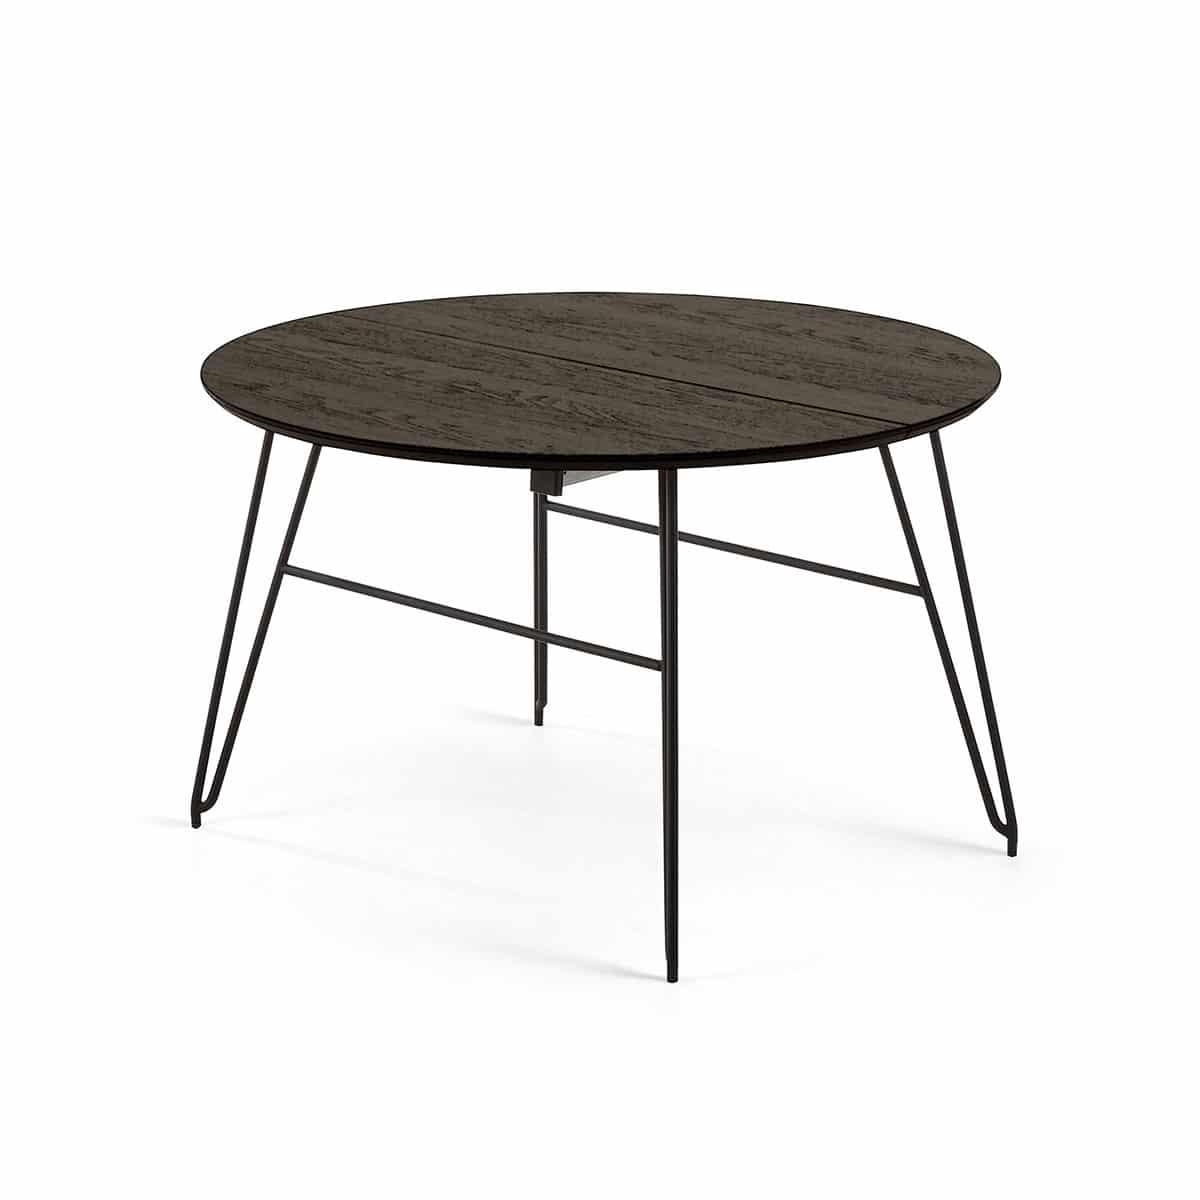 Mesa comedor redonda extensible - Artikalia - Muebles de diseño